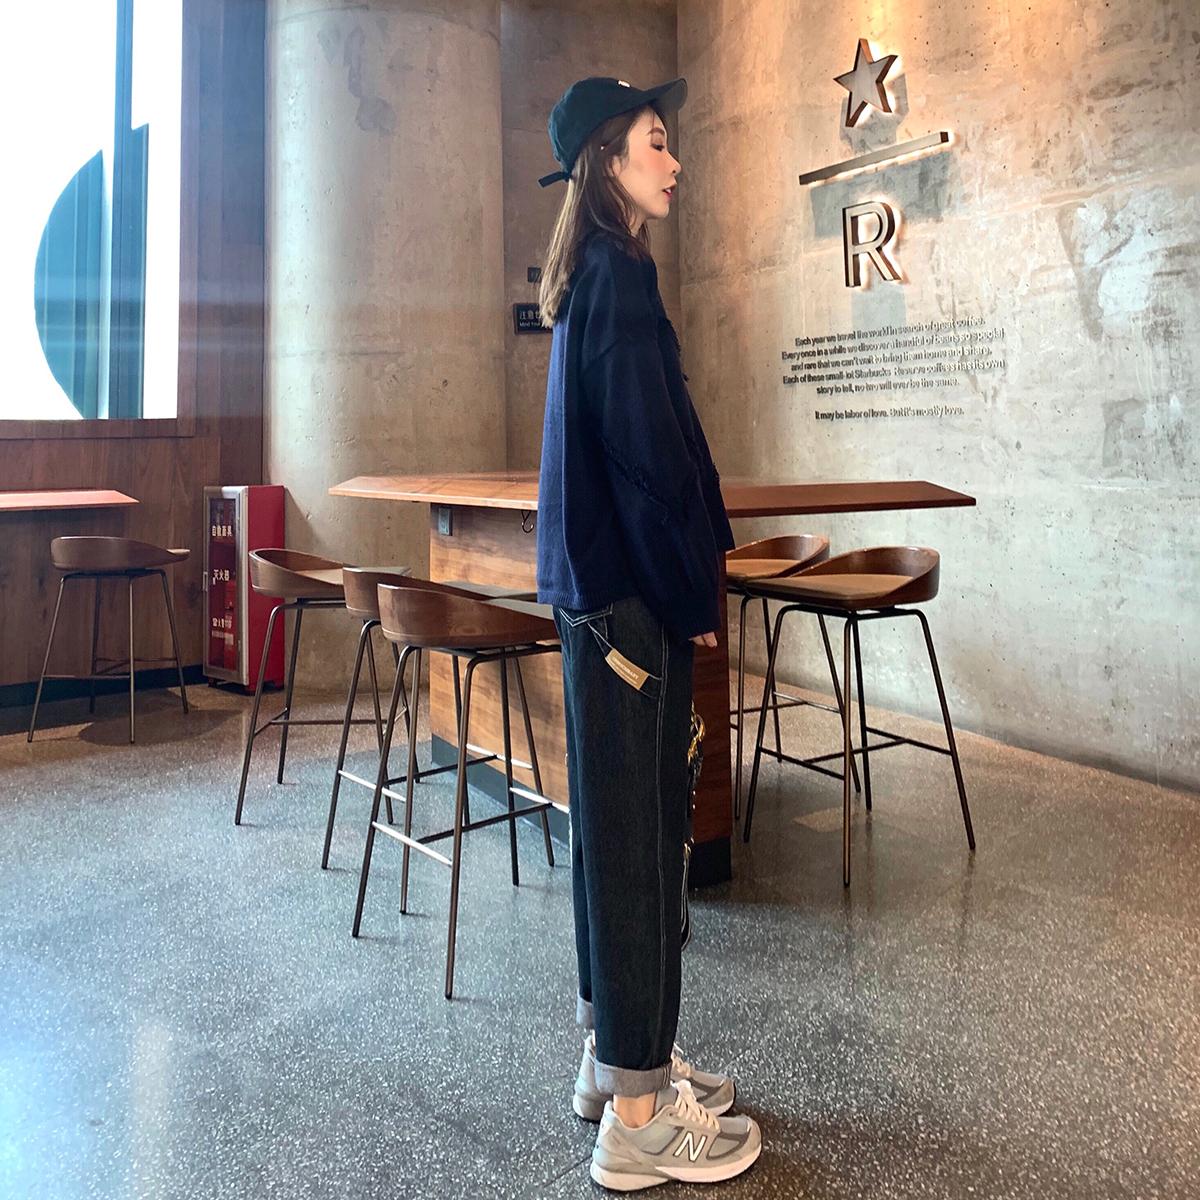 低腰直筒牛仔裤 WHYSTUDIO 黑灰色牛仔裤女冬季显高显瘦显腿长宽松明线直筒裤长裤_推荐淘宝好看的女低腰直筒牛仔裤